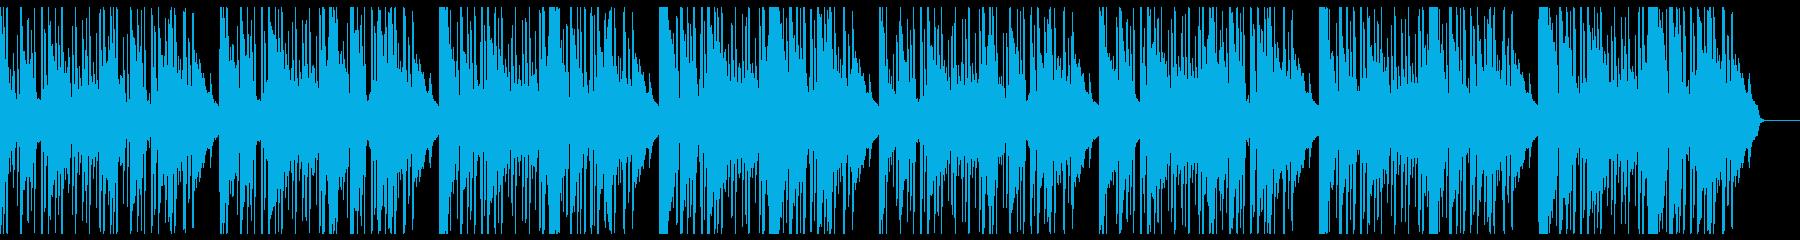 ピアノ・ジャジー・おしゃれの再生済みの波形